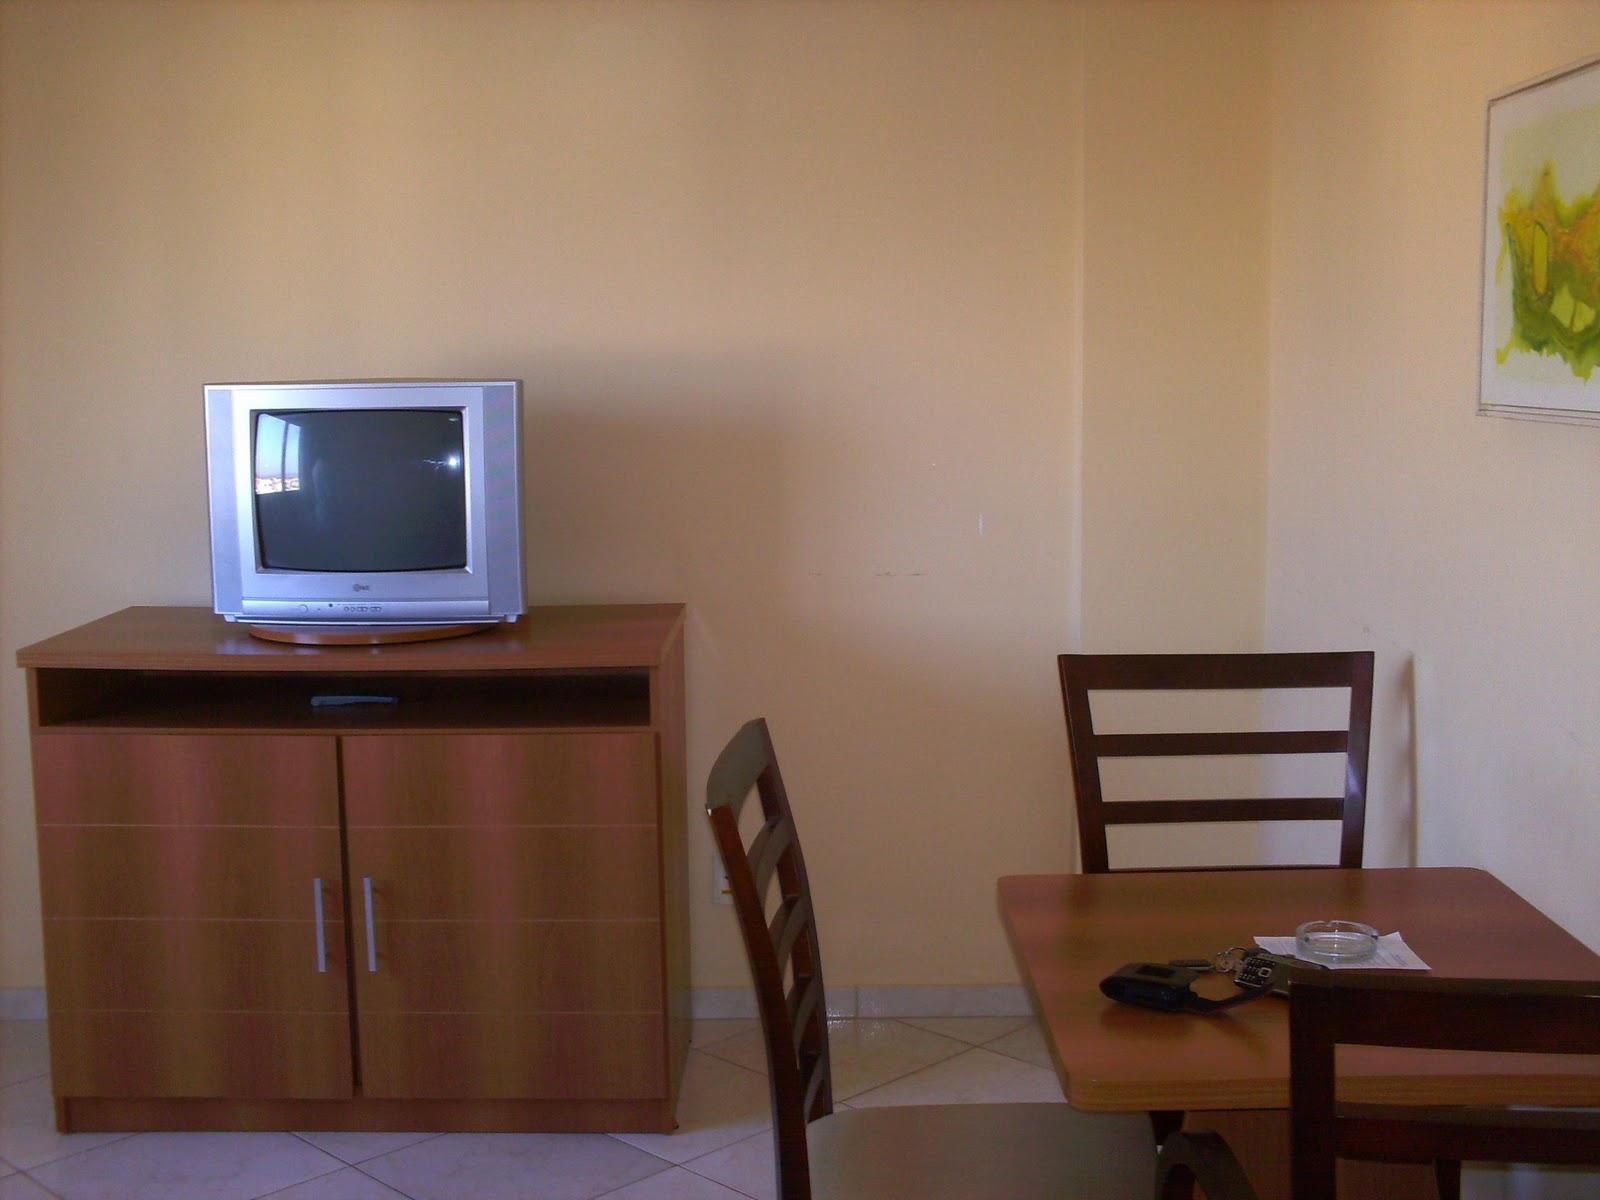 cama de casal banheiro com hidro massagem ante sala com sofá e tv #2449A7 1600x1200 Banheiro Casal Com Hidro